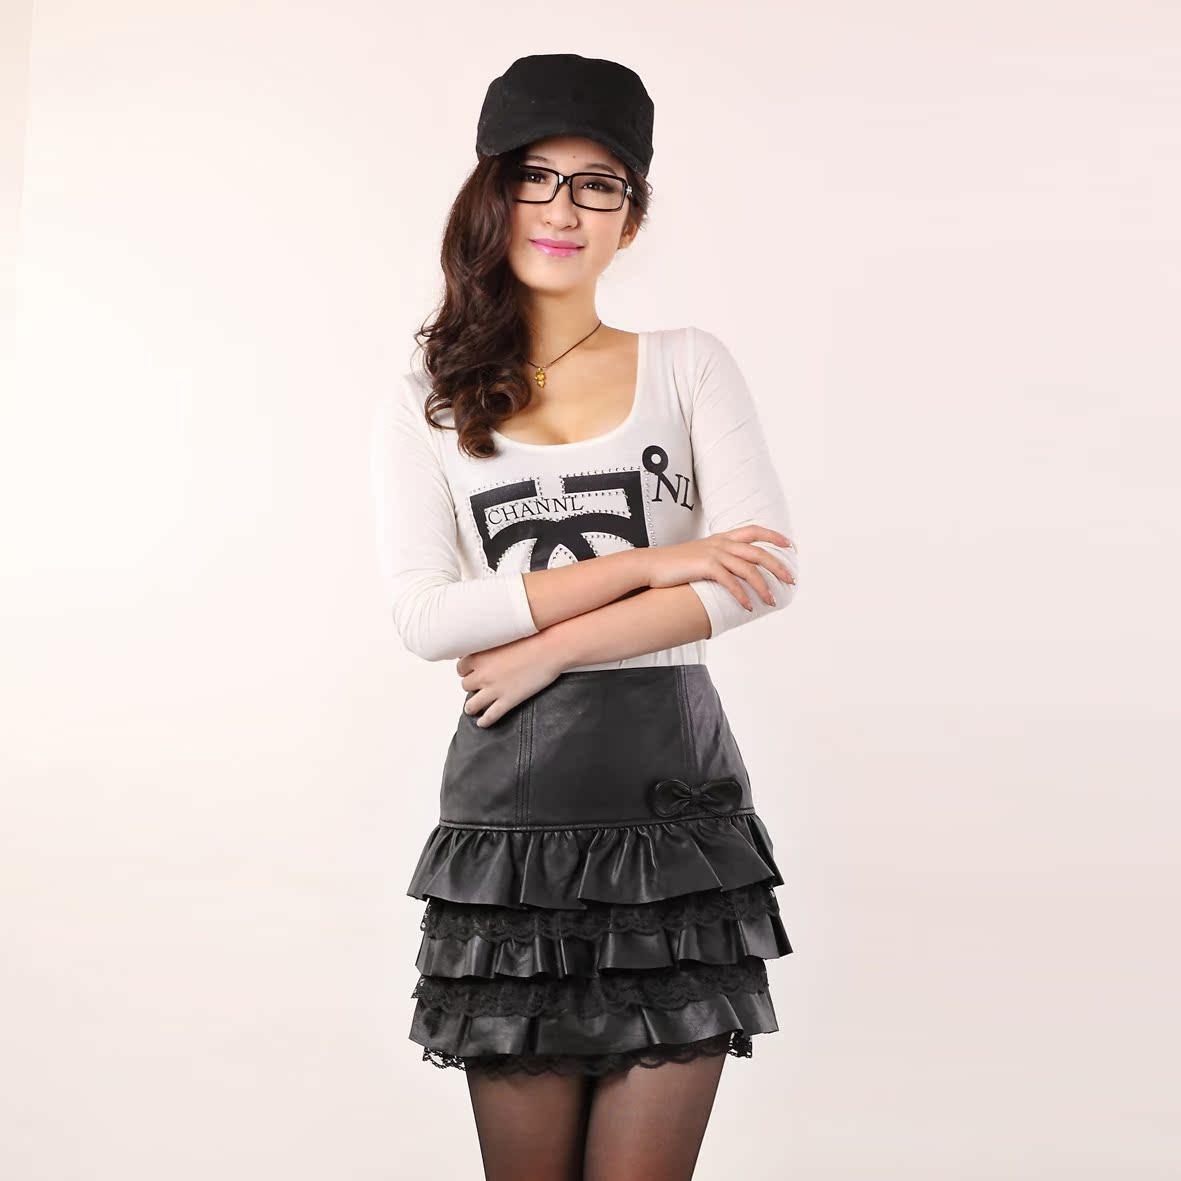 2014新款真皮皮裙绵羊皮半身裙蛋糕裙蕾丝裙子女短裙春春冬季包邮